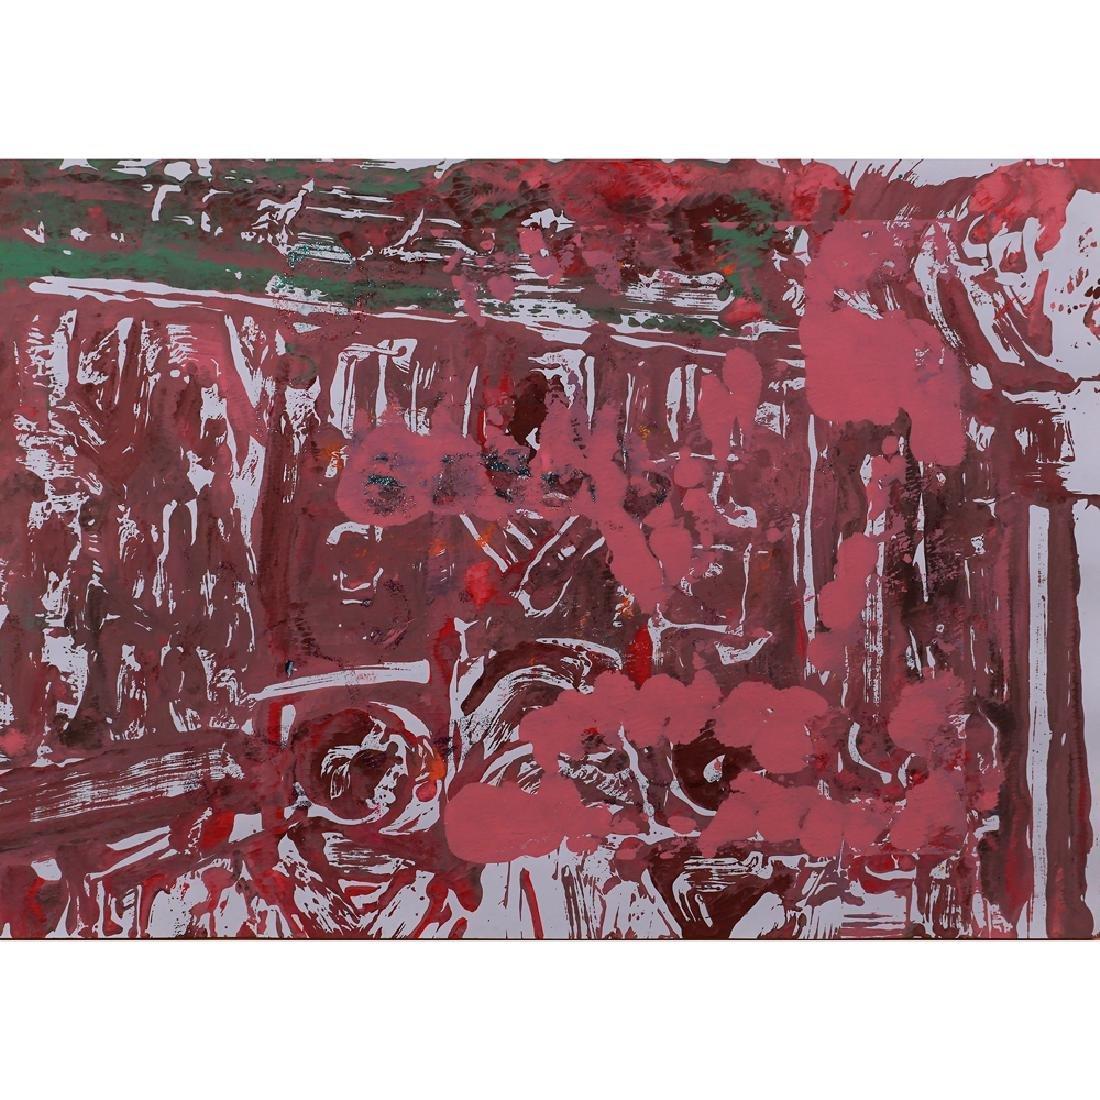 Gian Paolo Berto Rovigo 1940 50x70 cm.